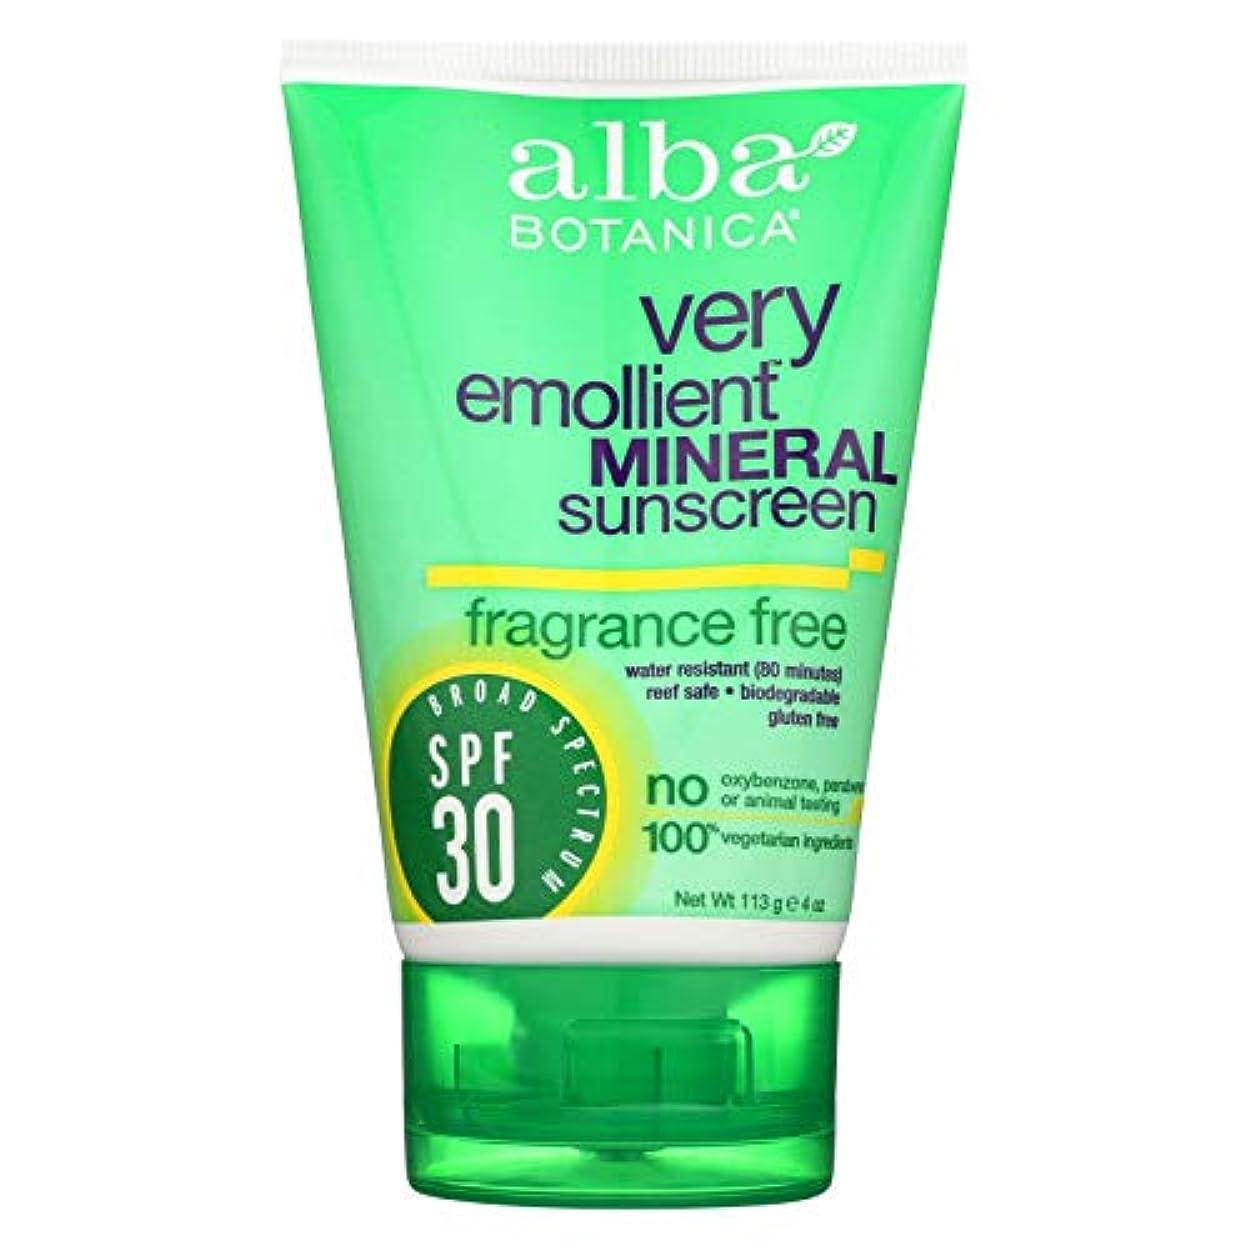 請求代表仮装Alba Botanica 敏感なミネラル日焼け止め無香料、SPF 30 4オズ